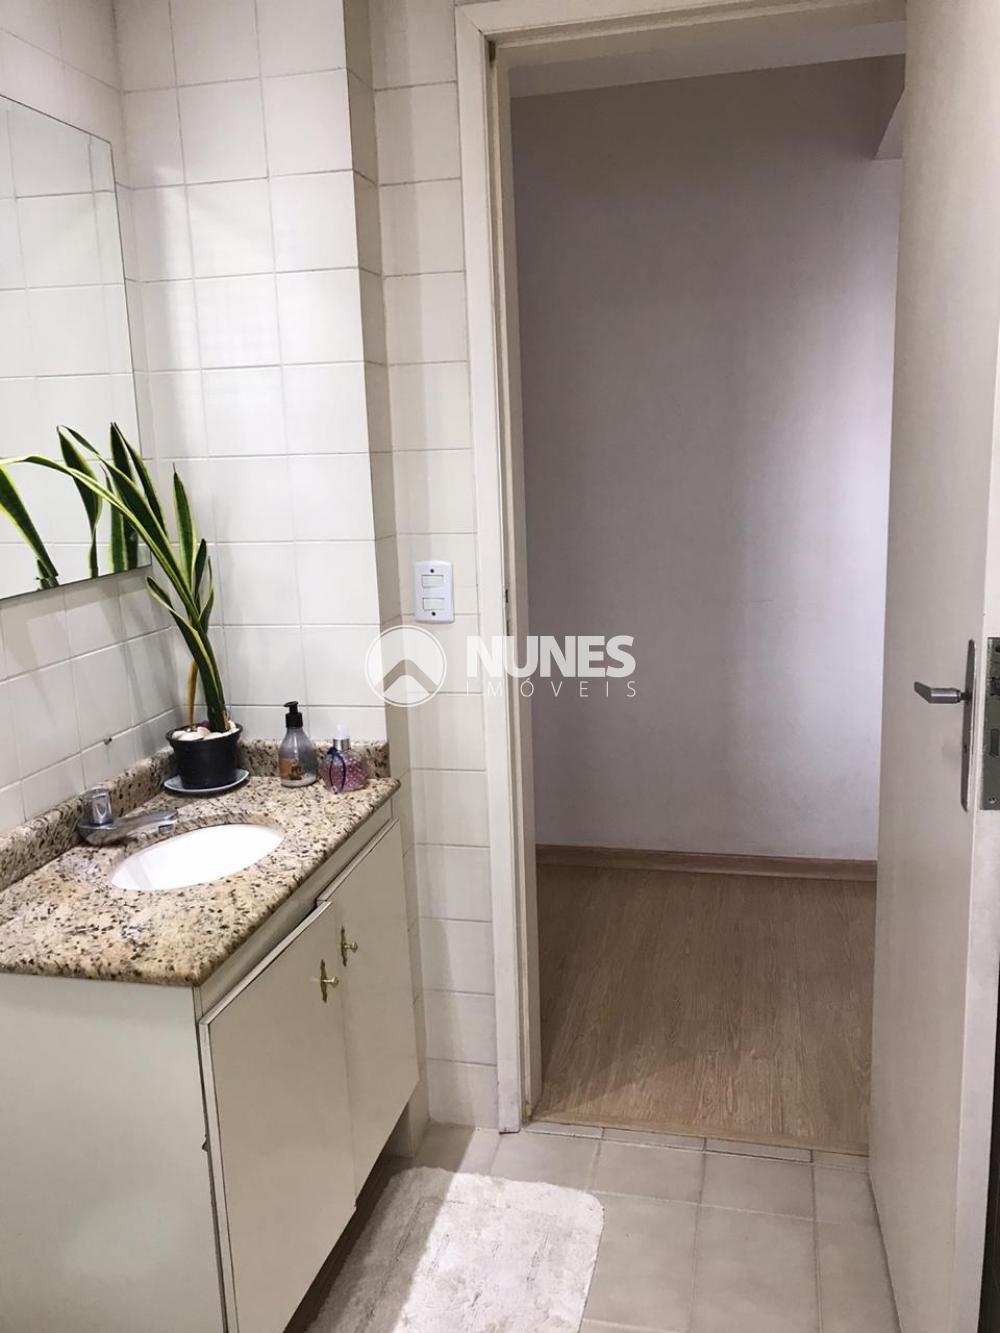 Comprar Apartamento / Padrão em Osasco apenas R$ 260.000,00 - Foto 29